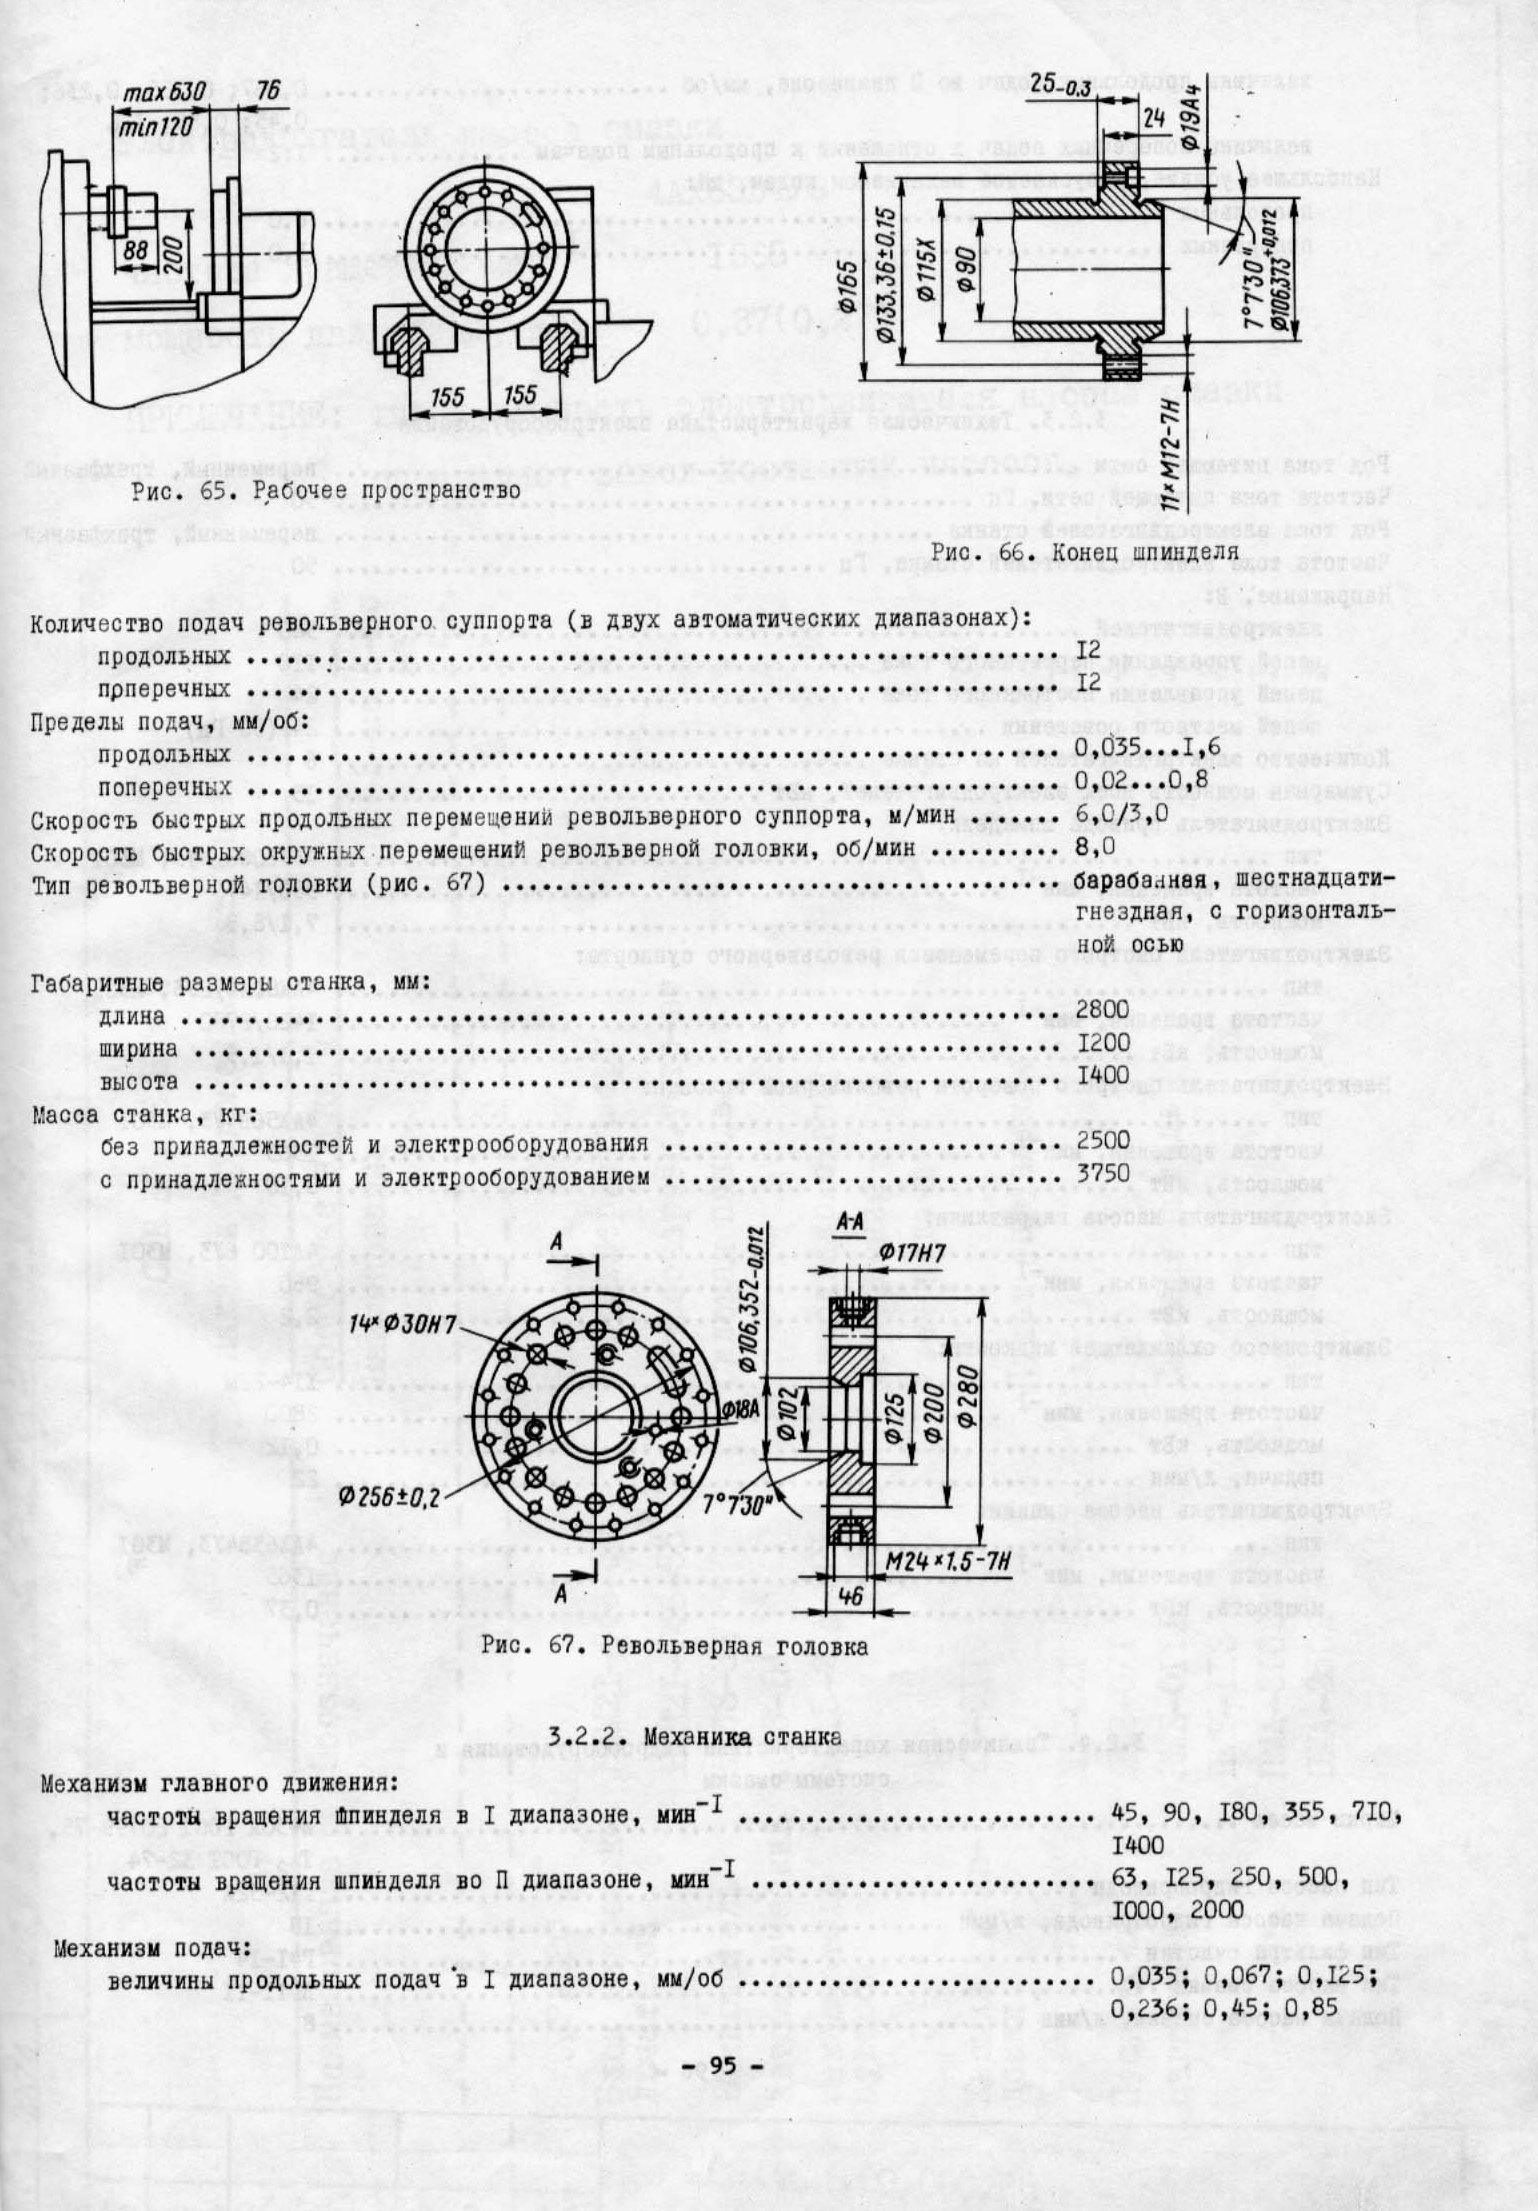 1е61м – высокоточный токарный станок